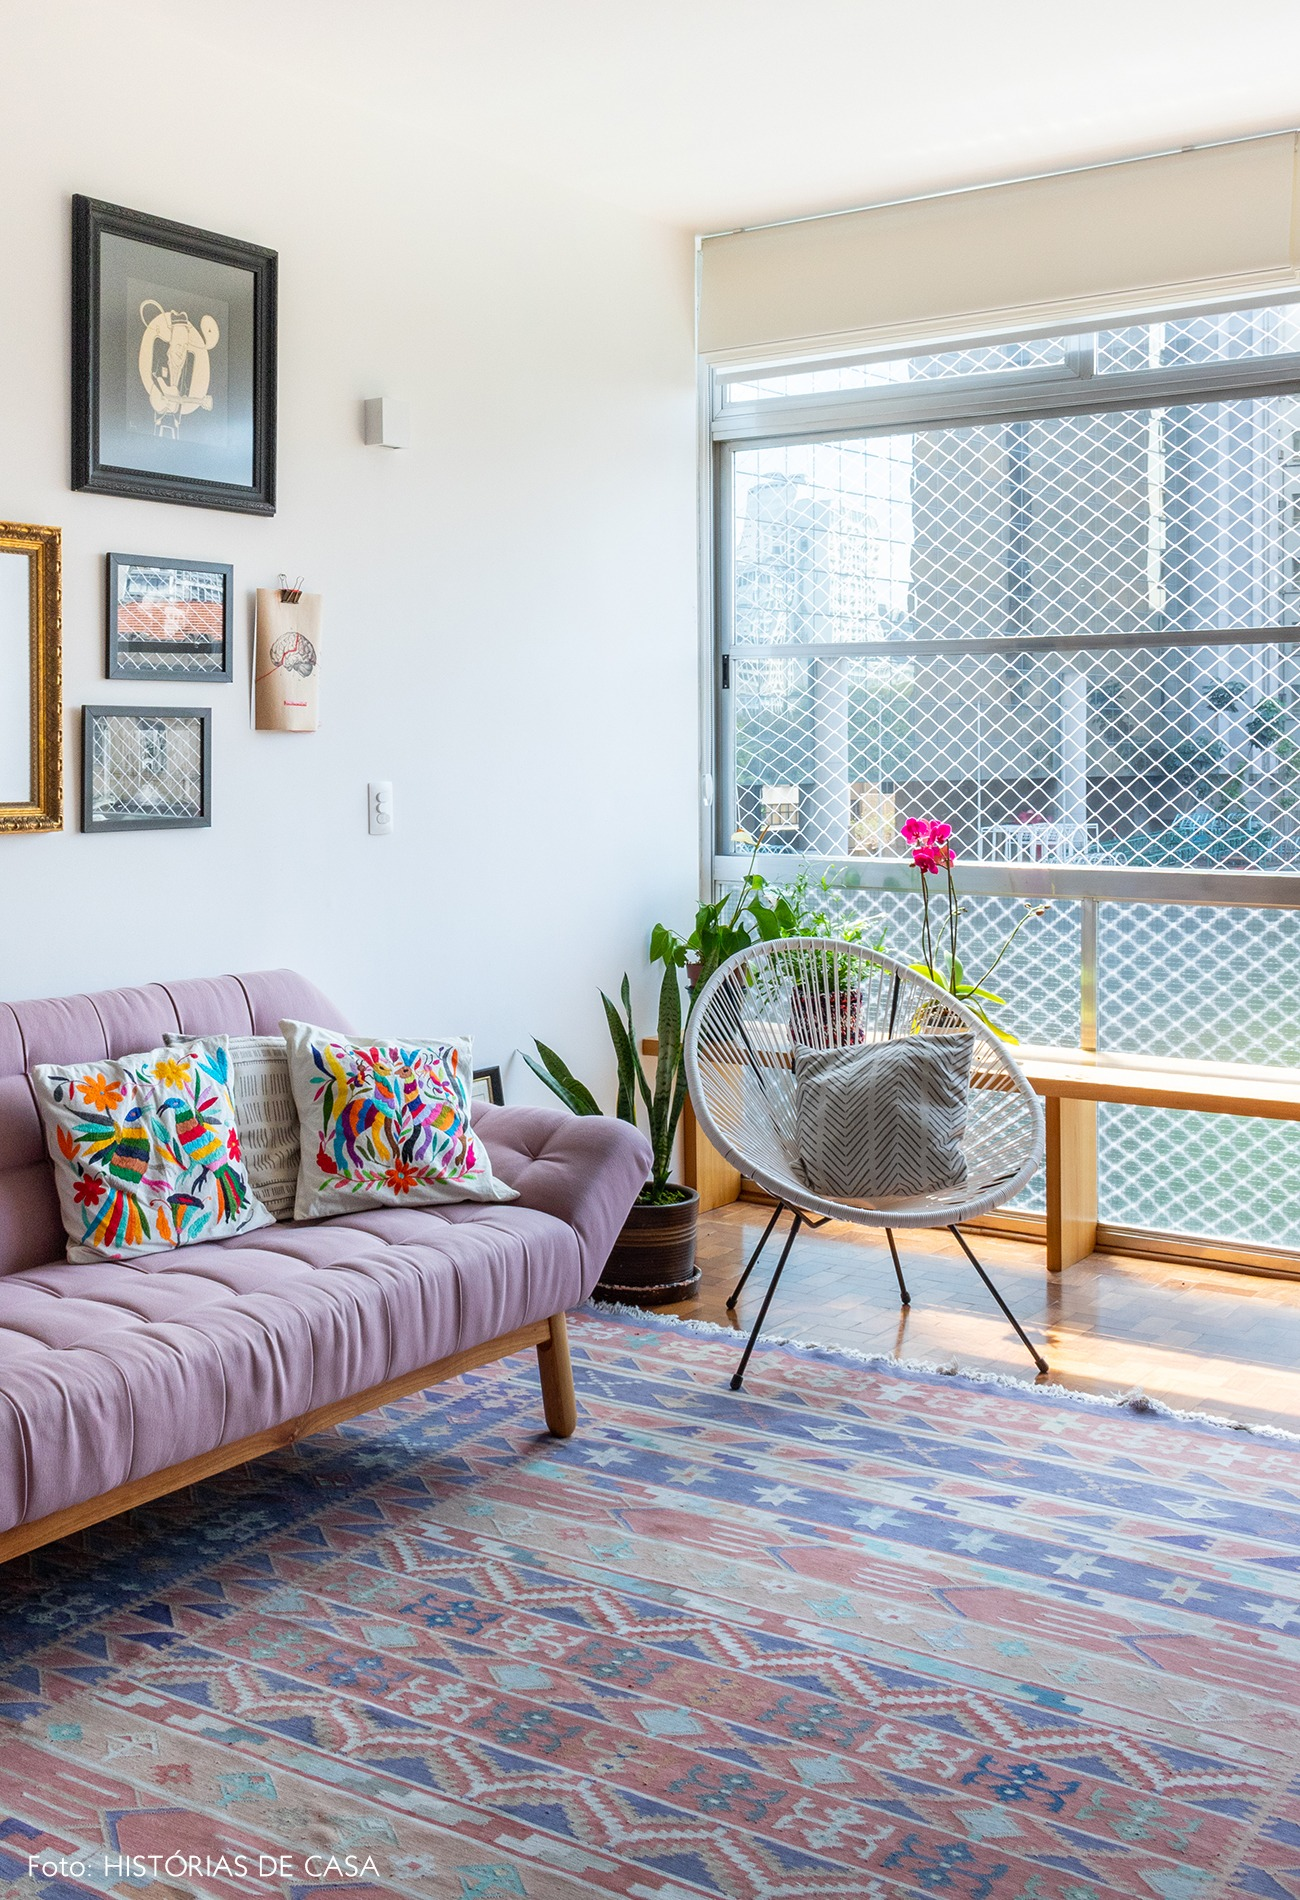 sala-sofa-rosa-tapete-estampado-almofadas-estampadas-cadeira-branca-quadros